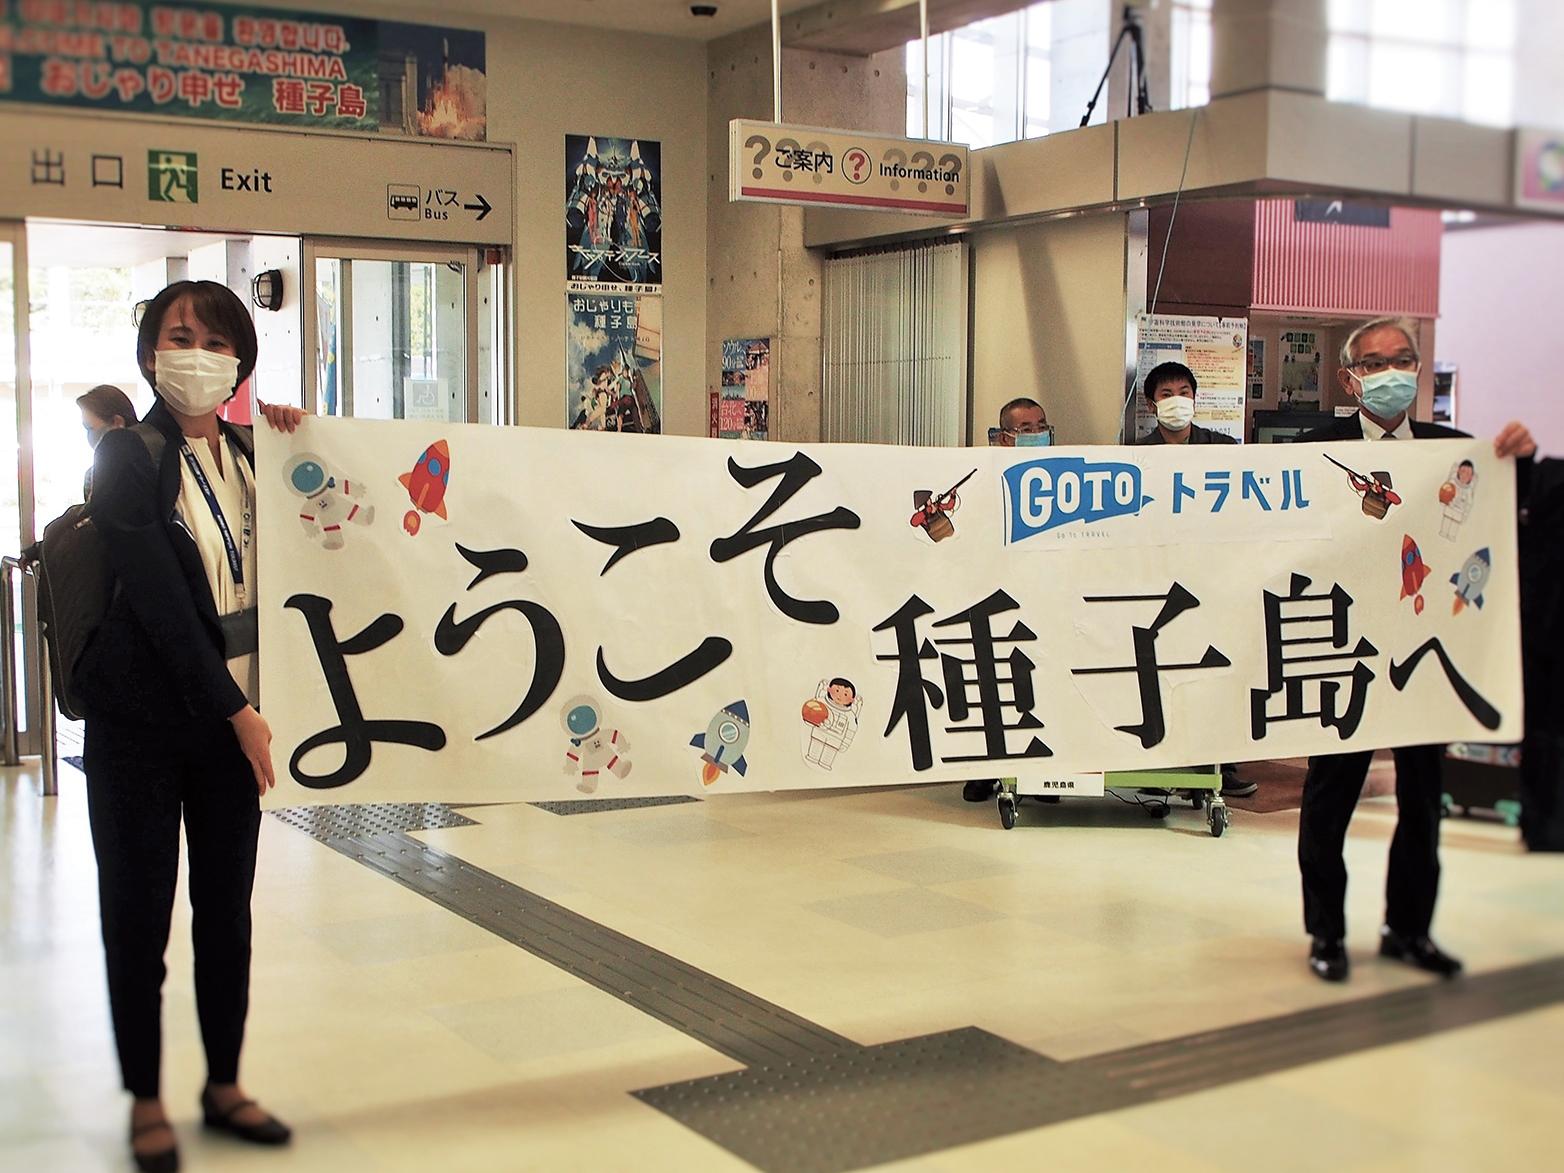 『近畿日本ツーリスト』メルマガ会員なら お得な情報をいち早くゲット!